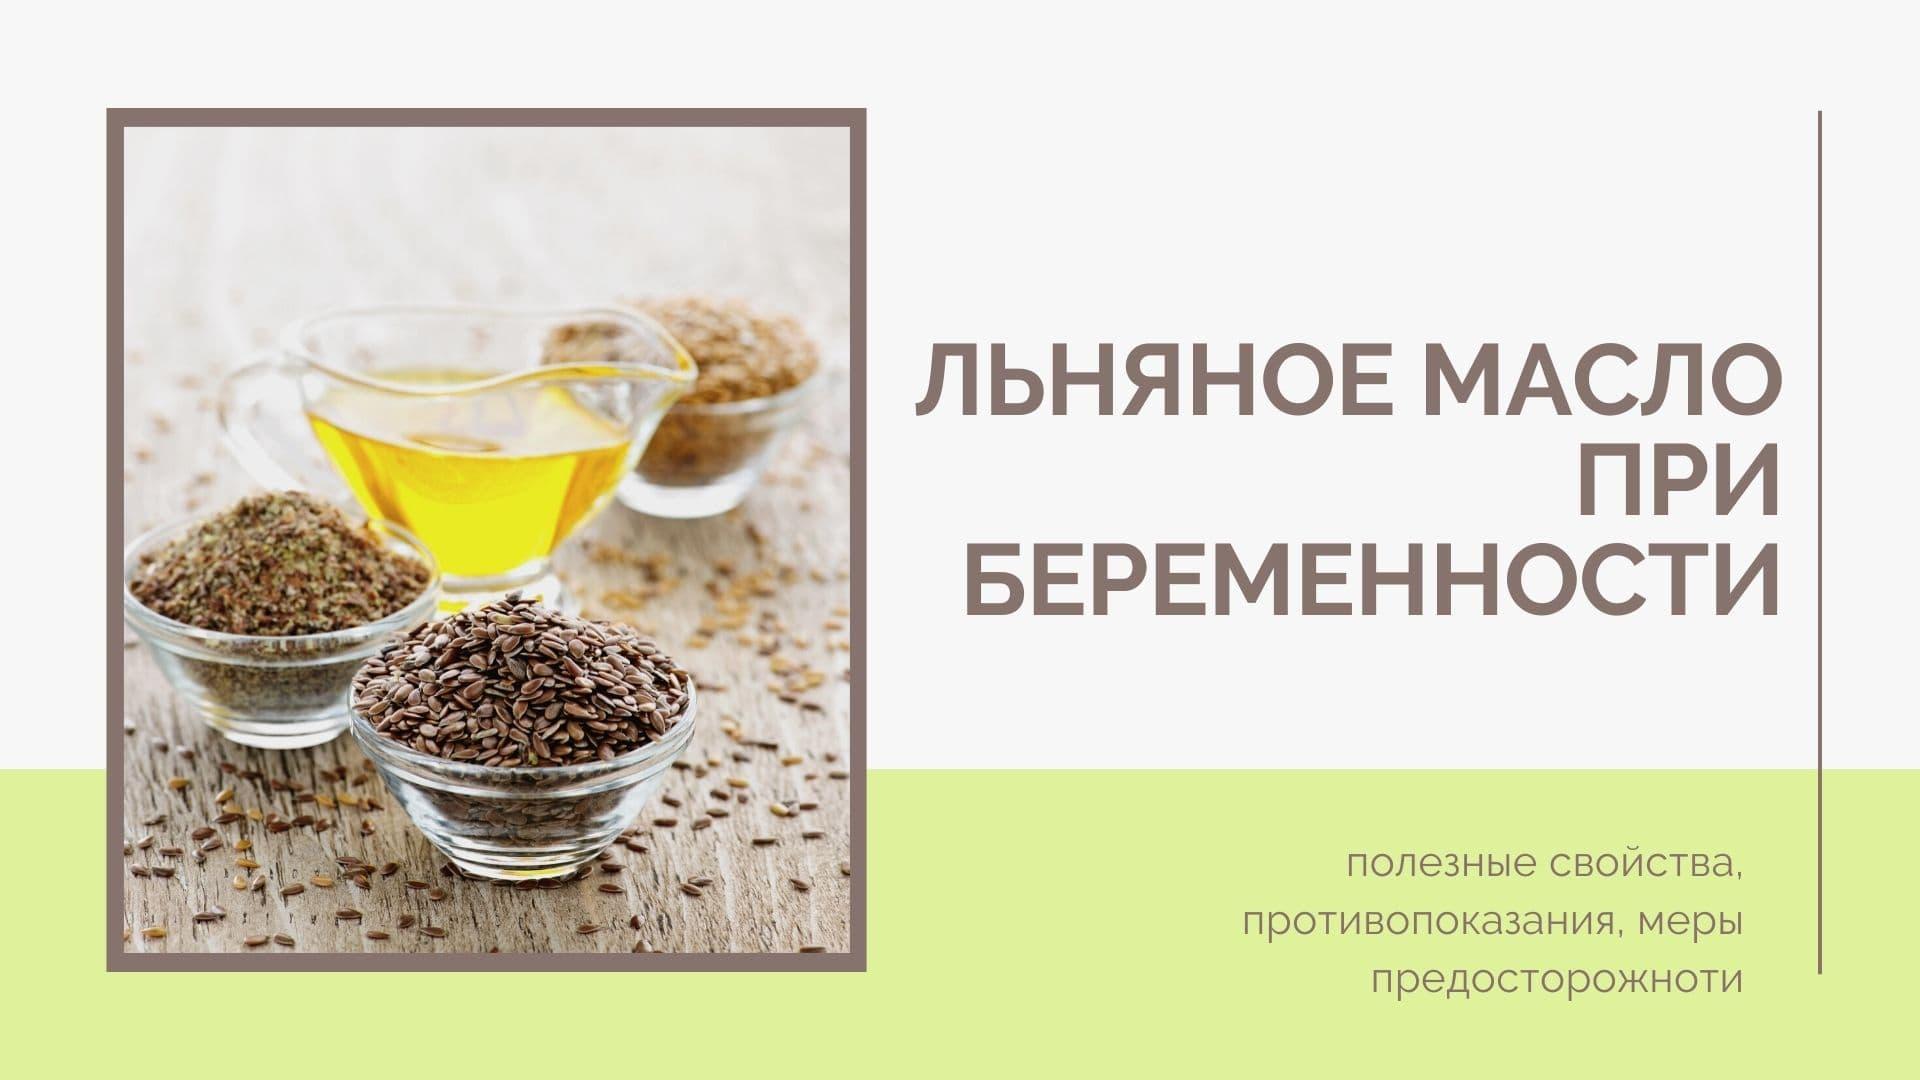 Льняное масло при беременности: полезные свойства, противопоказания, меры предосторожноти